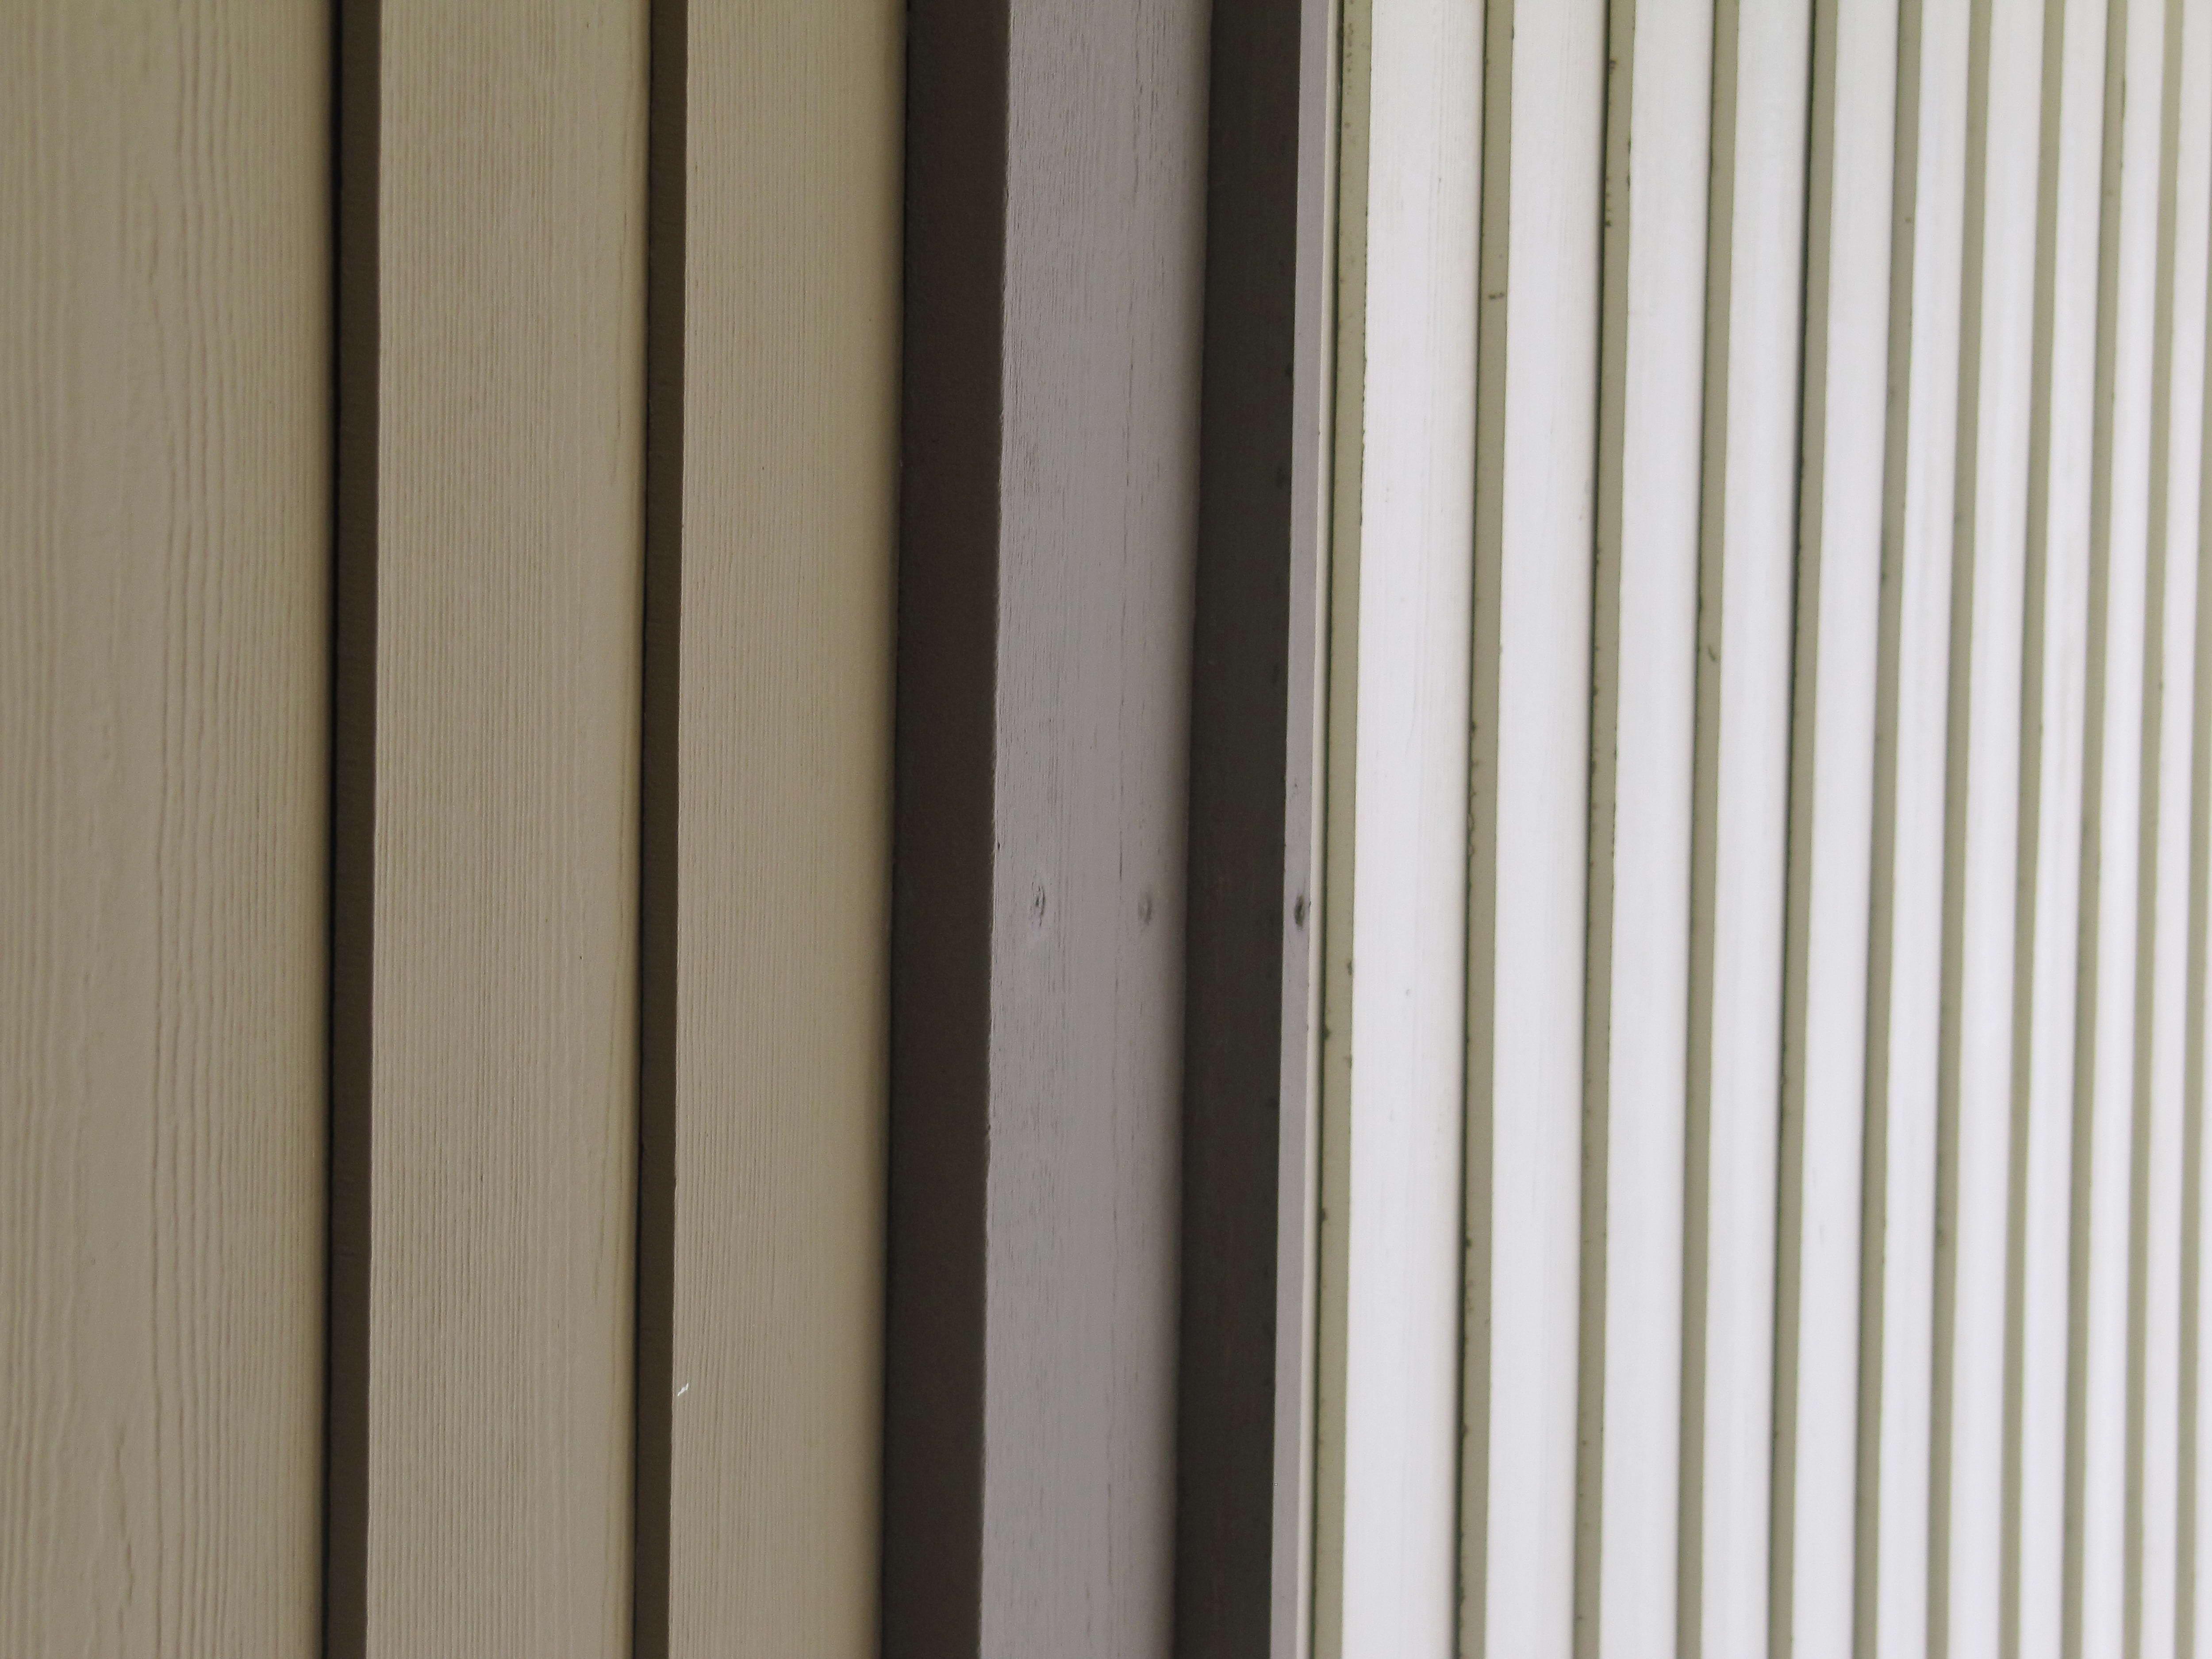 Legno Bianco Texture : Best legno bianco decapato ideas ferrorods us ferrorods us con